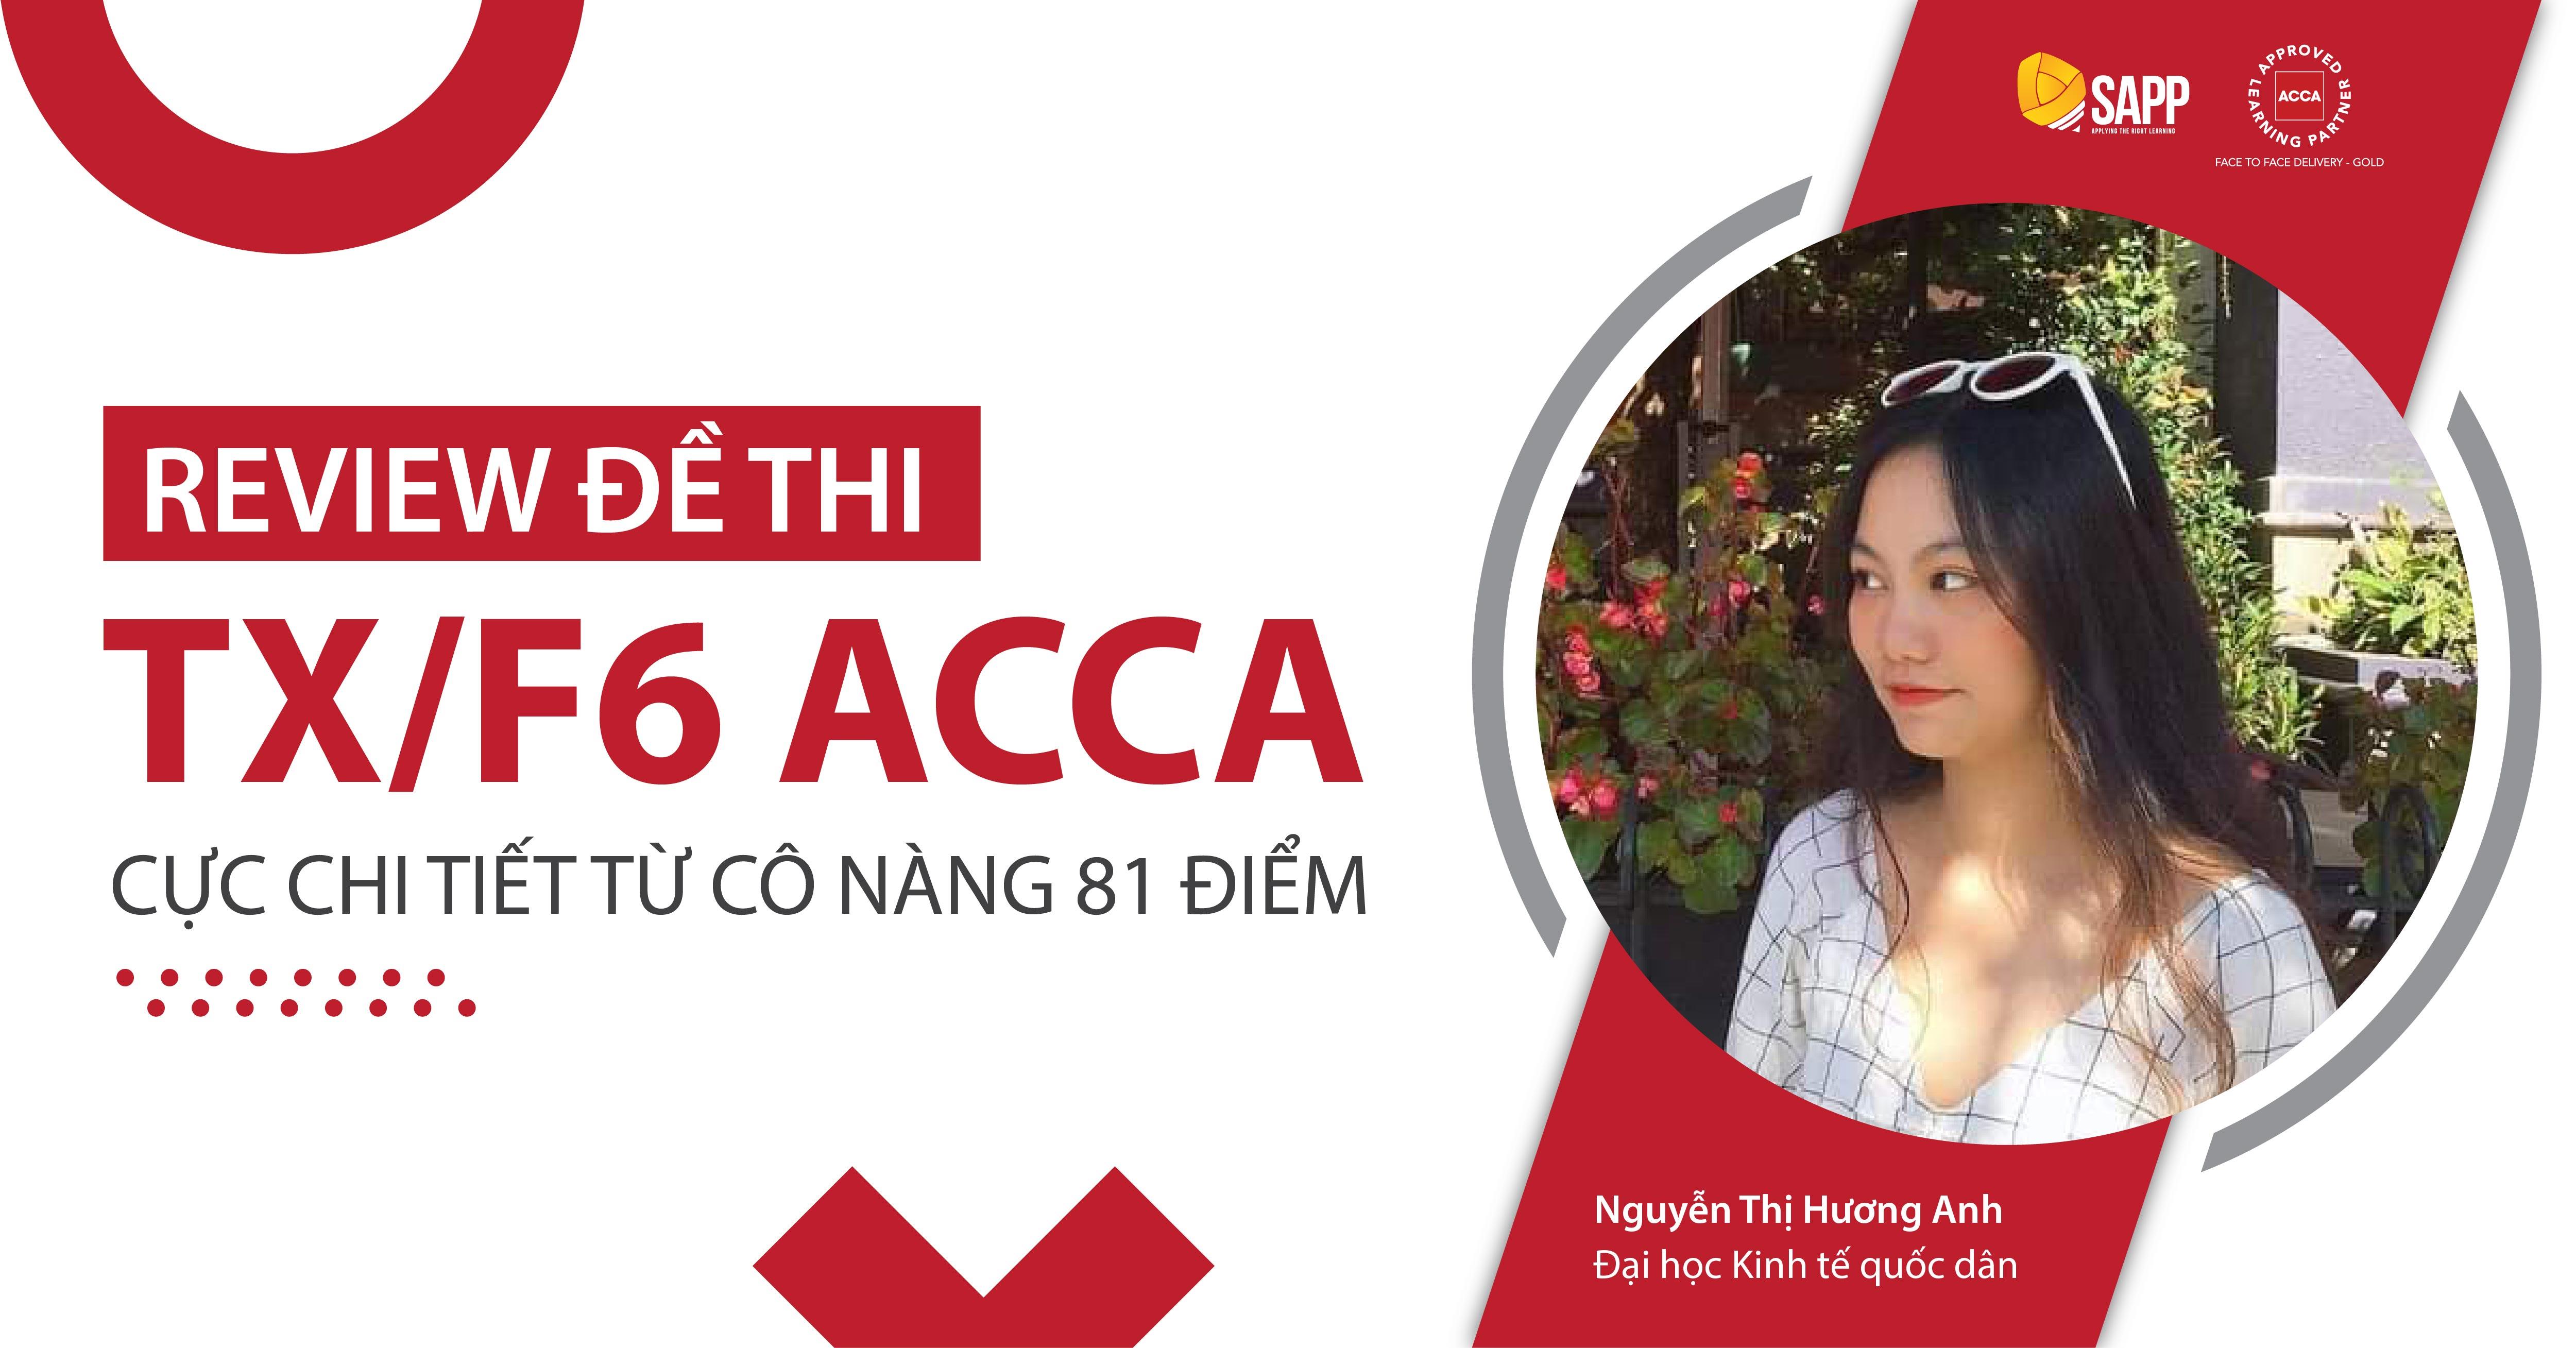 Review đề thi TX/F6 ACCA cực chi tiết từ cô nàng 81 điểm - Hương Anh